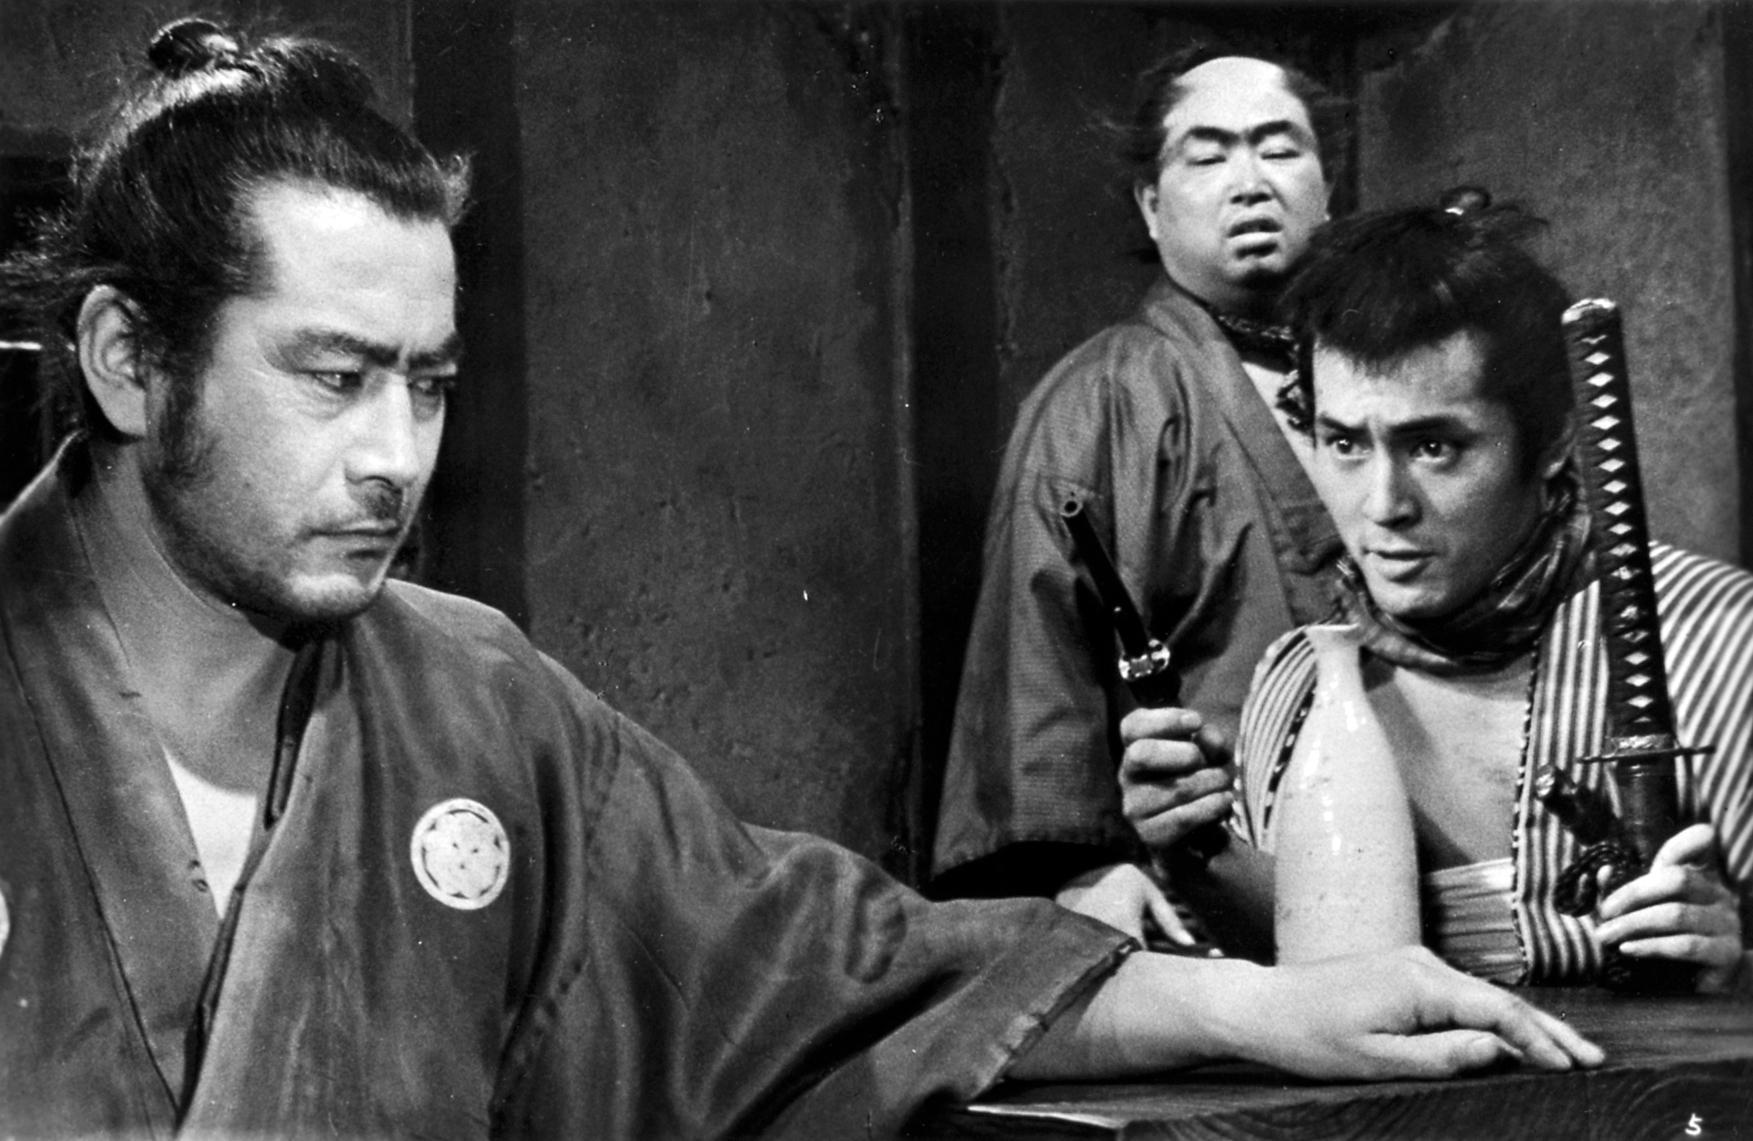 El mercenario (1961)